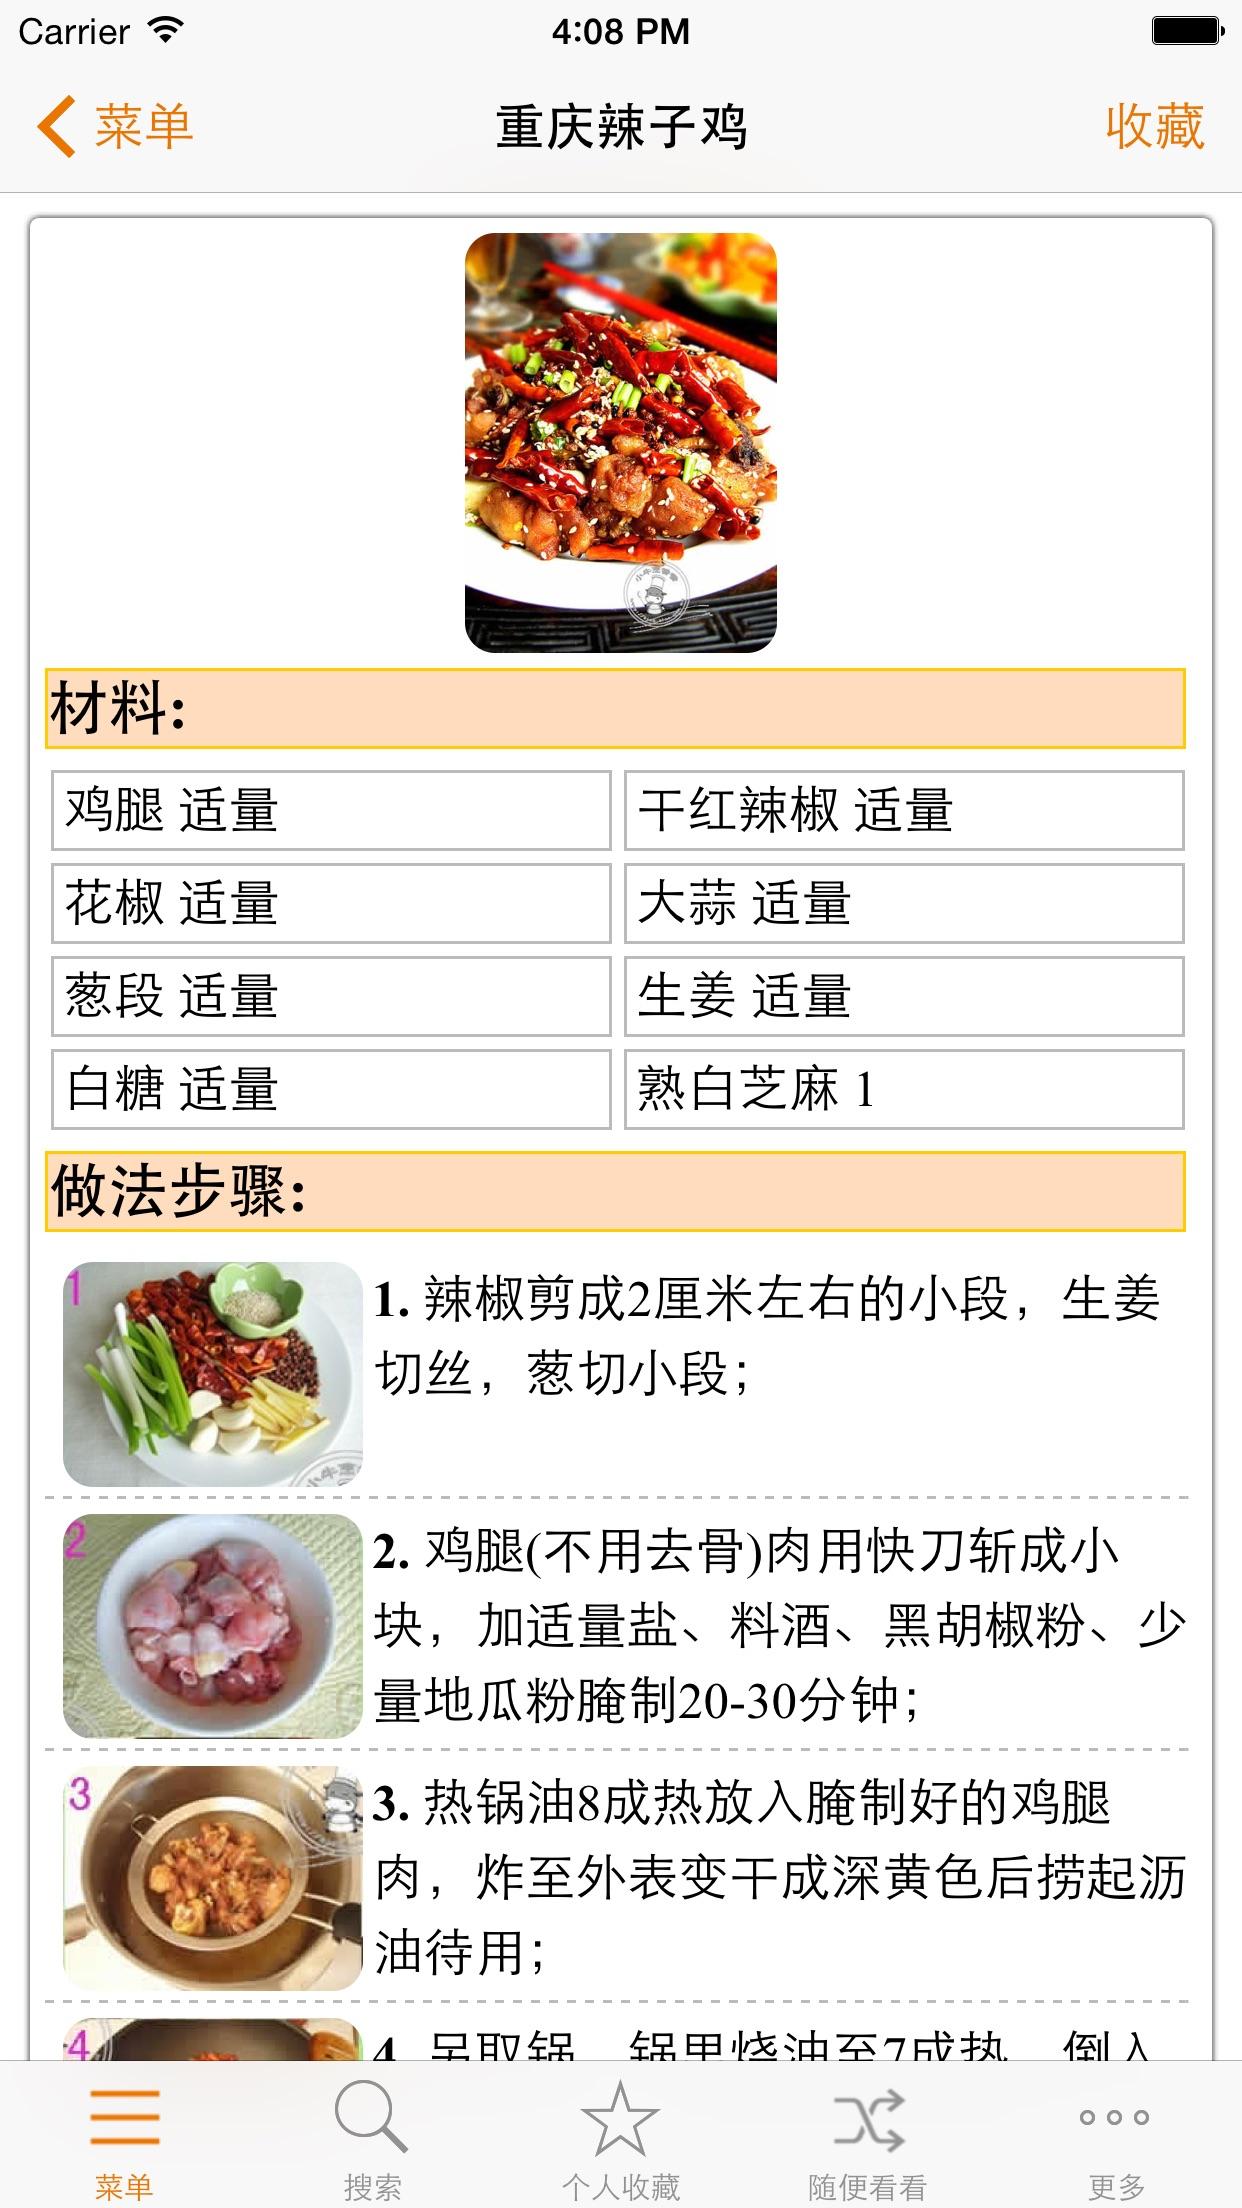 川菜菜谱 经典美食谱大全 Screenshot